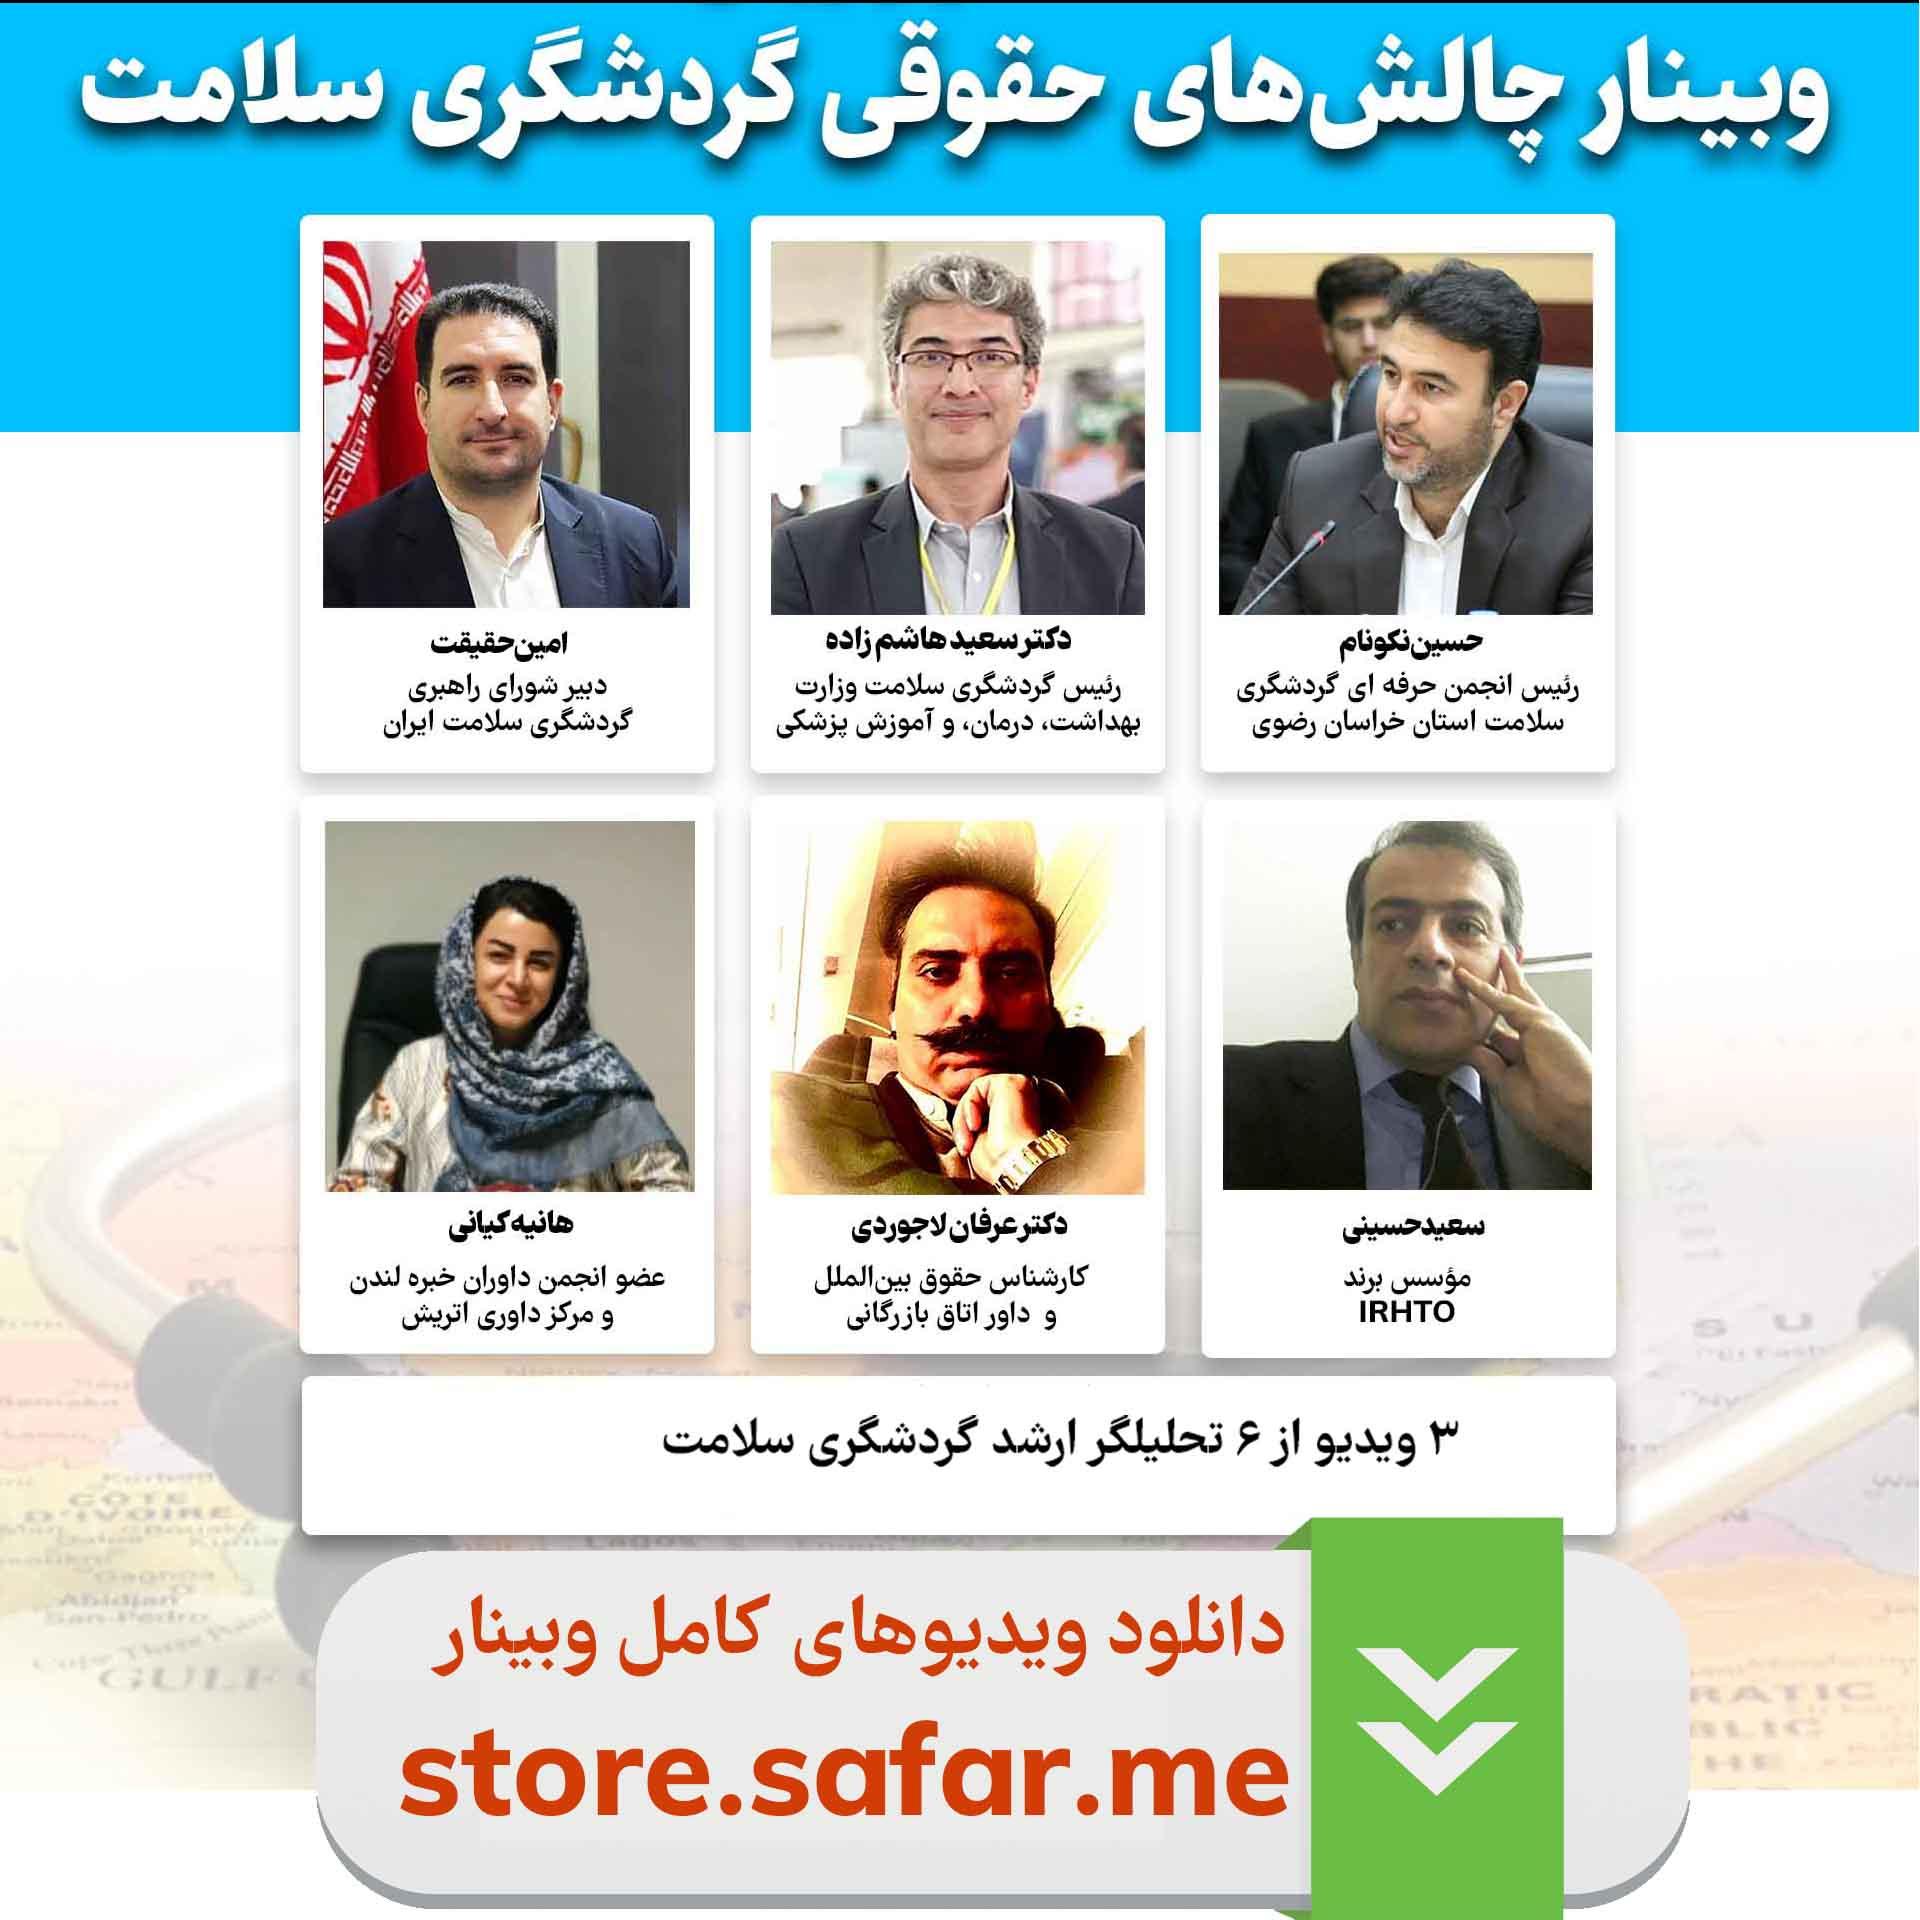 وبینار چالشهای حقوقی گردشگری سلامت در ایران